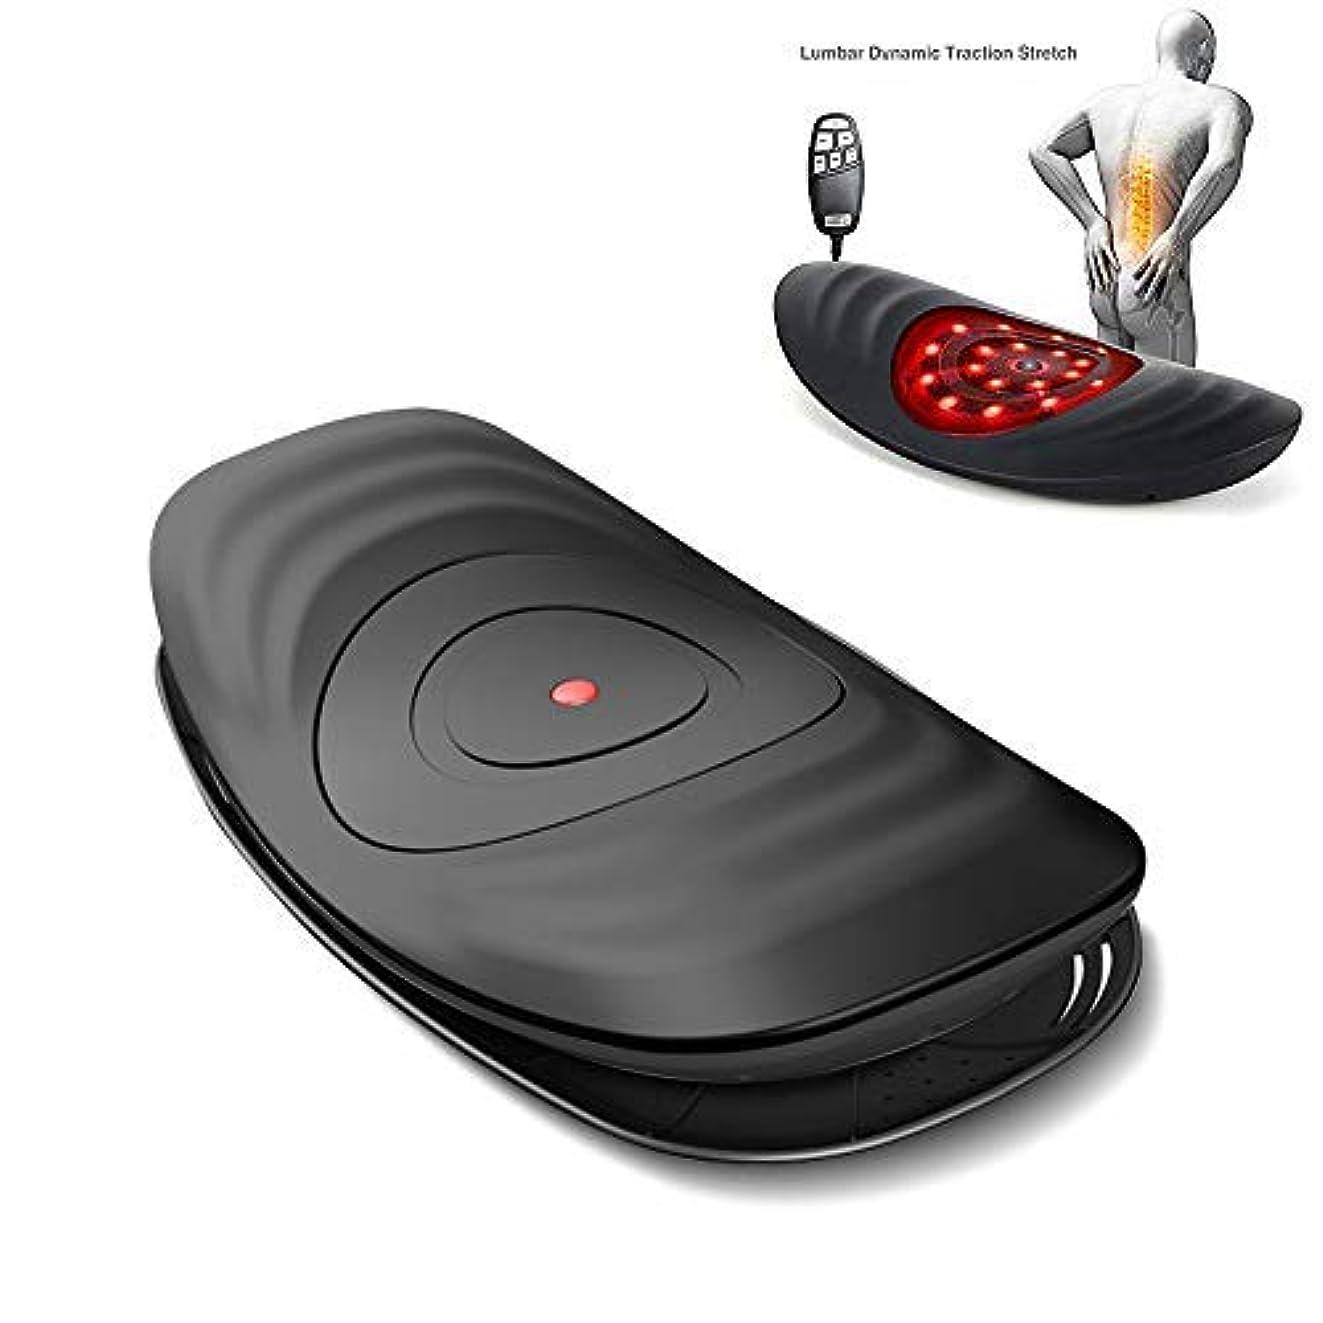 ボイド温度のために電動ウエストマッサージ、腰椎牽引装置バックヒーティング振動マッサージ枕空気圧縮腰椎サポートクッション